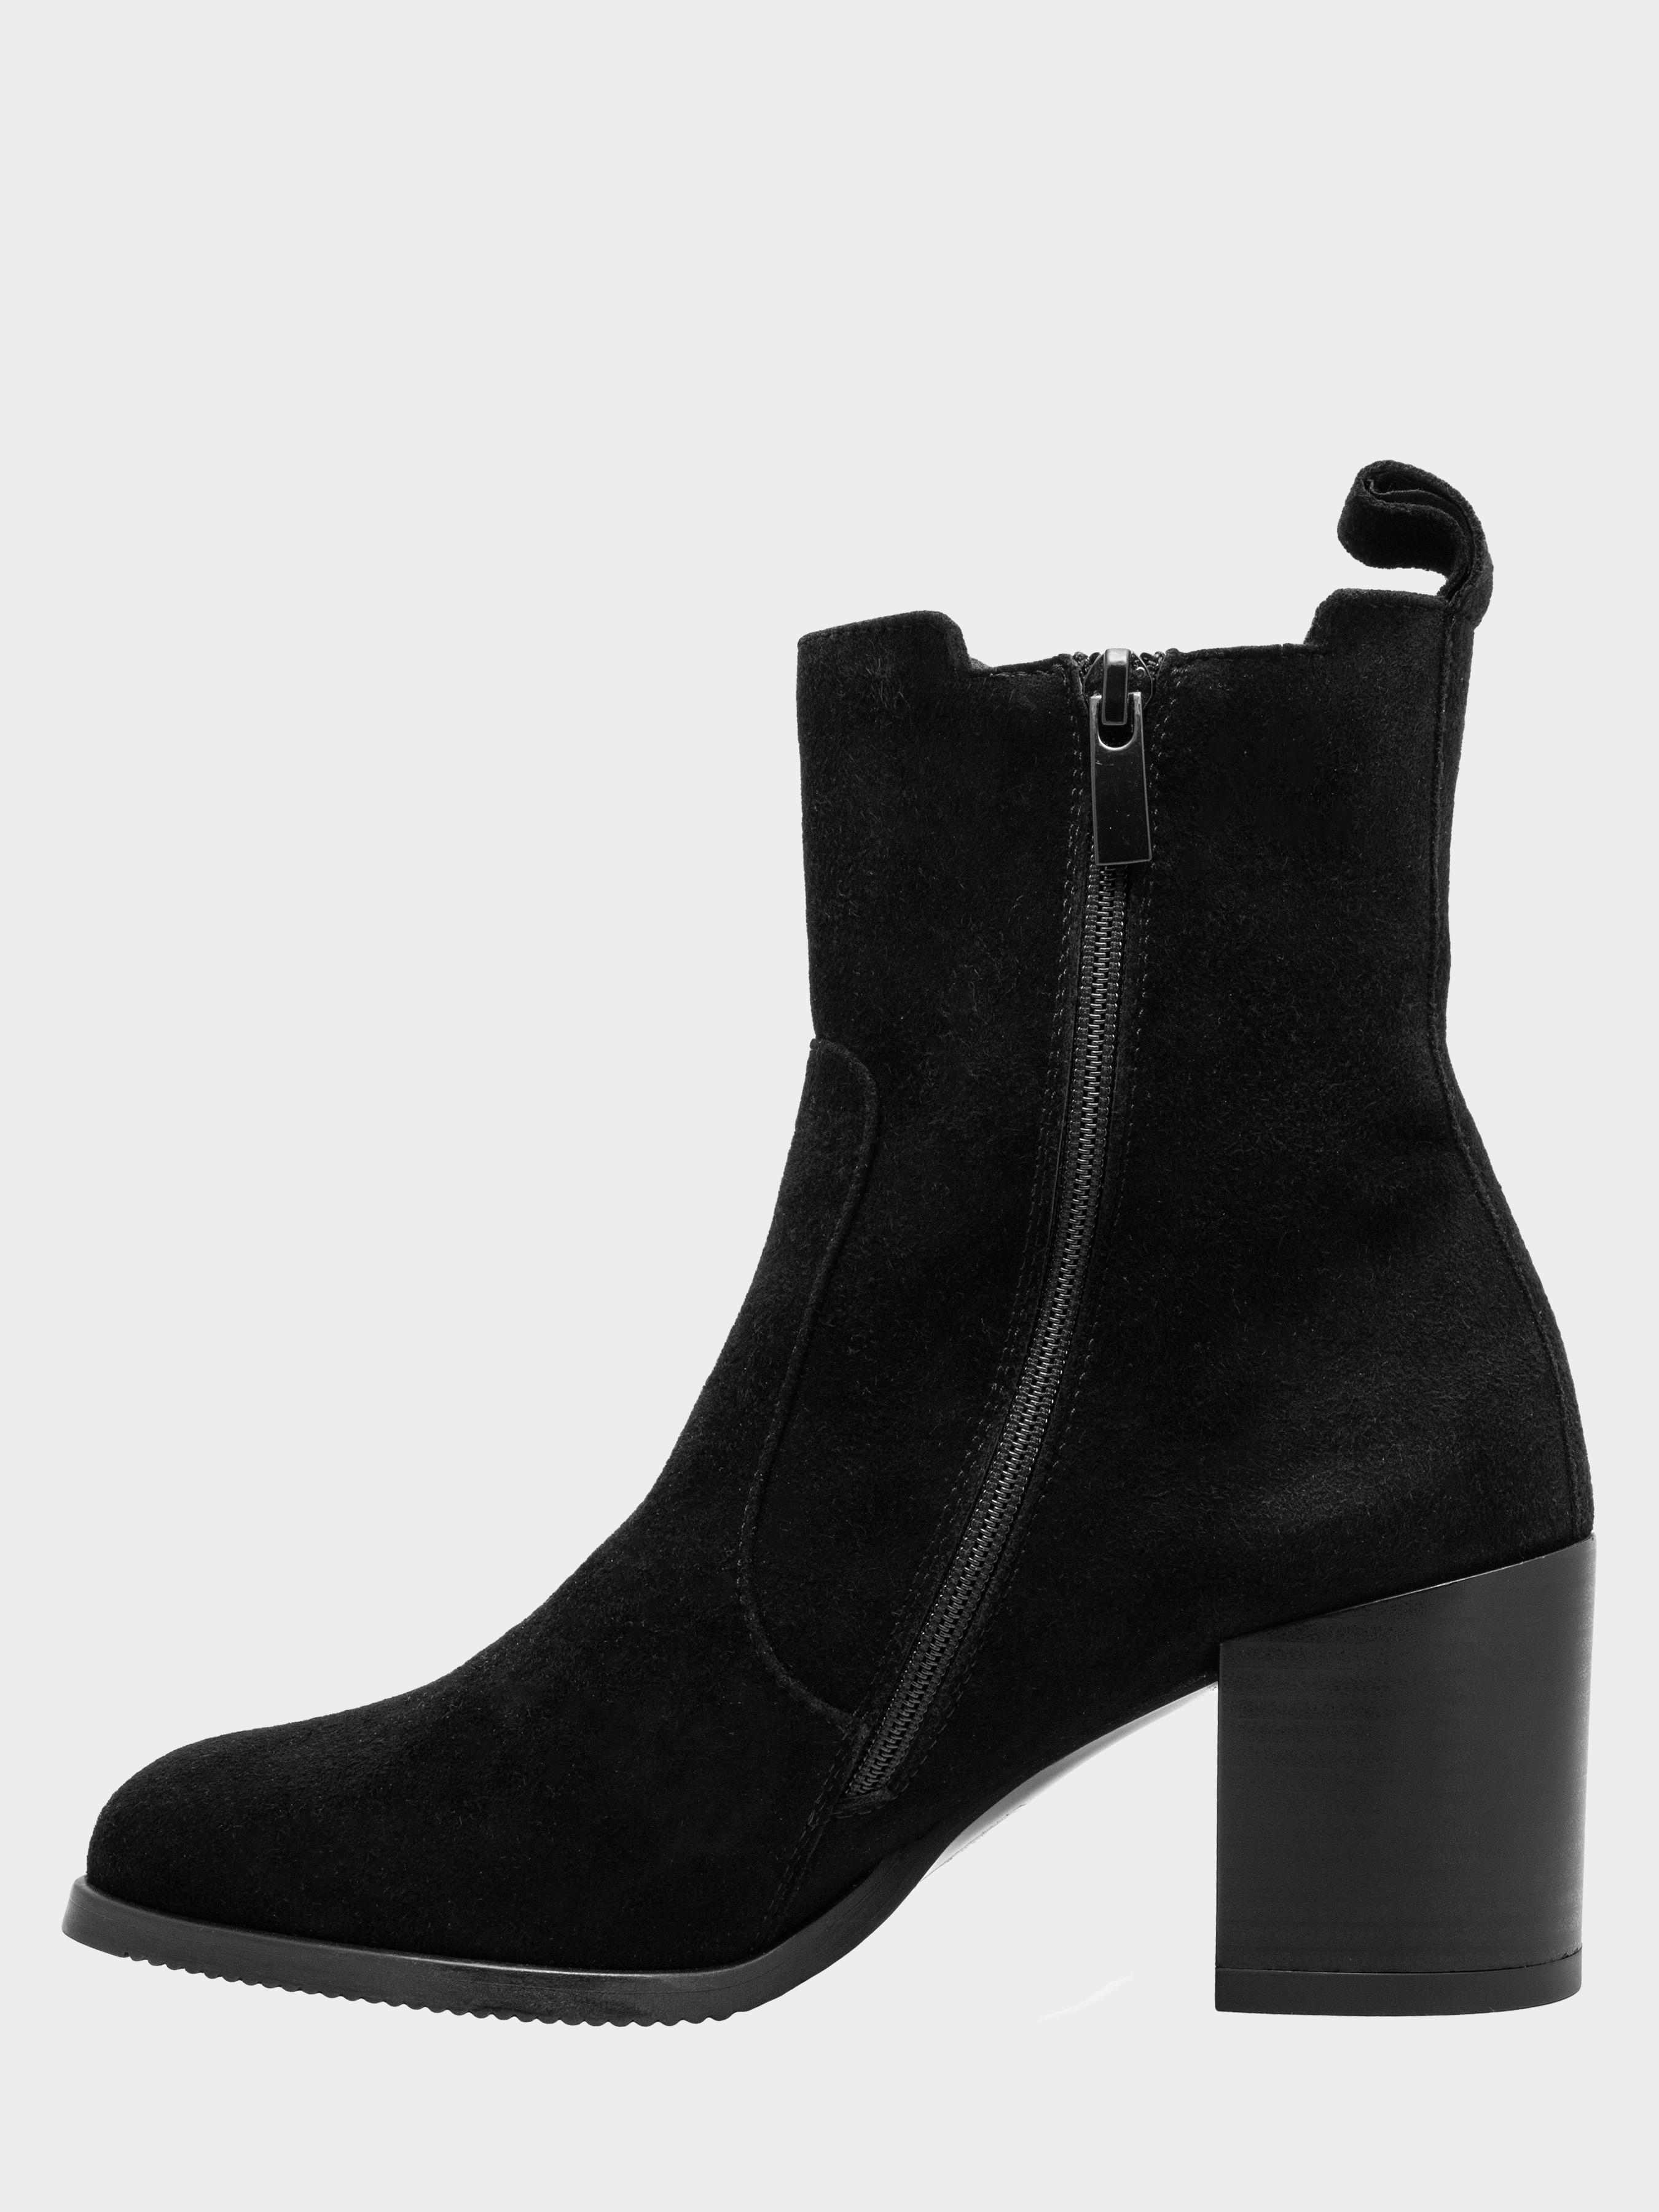 Ботинки для женщин Ботинки женские ENZO VERRATTI 18-1270-1w цена, 2017